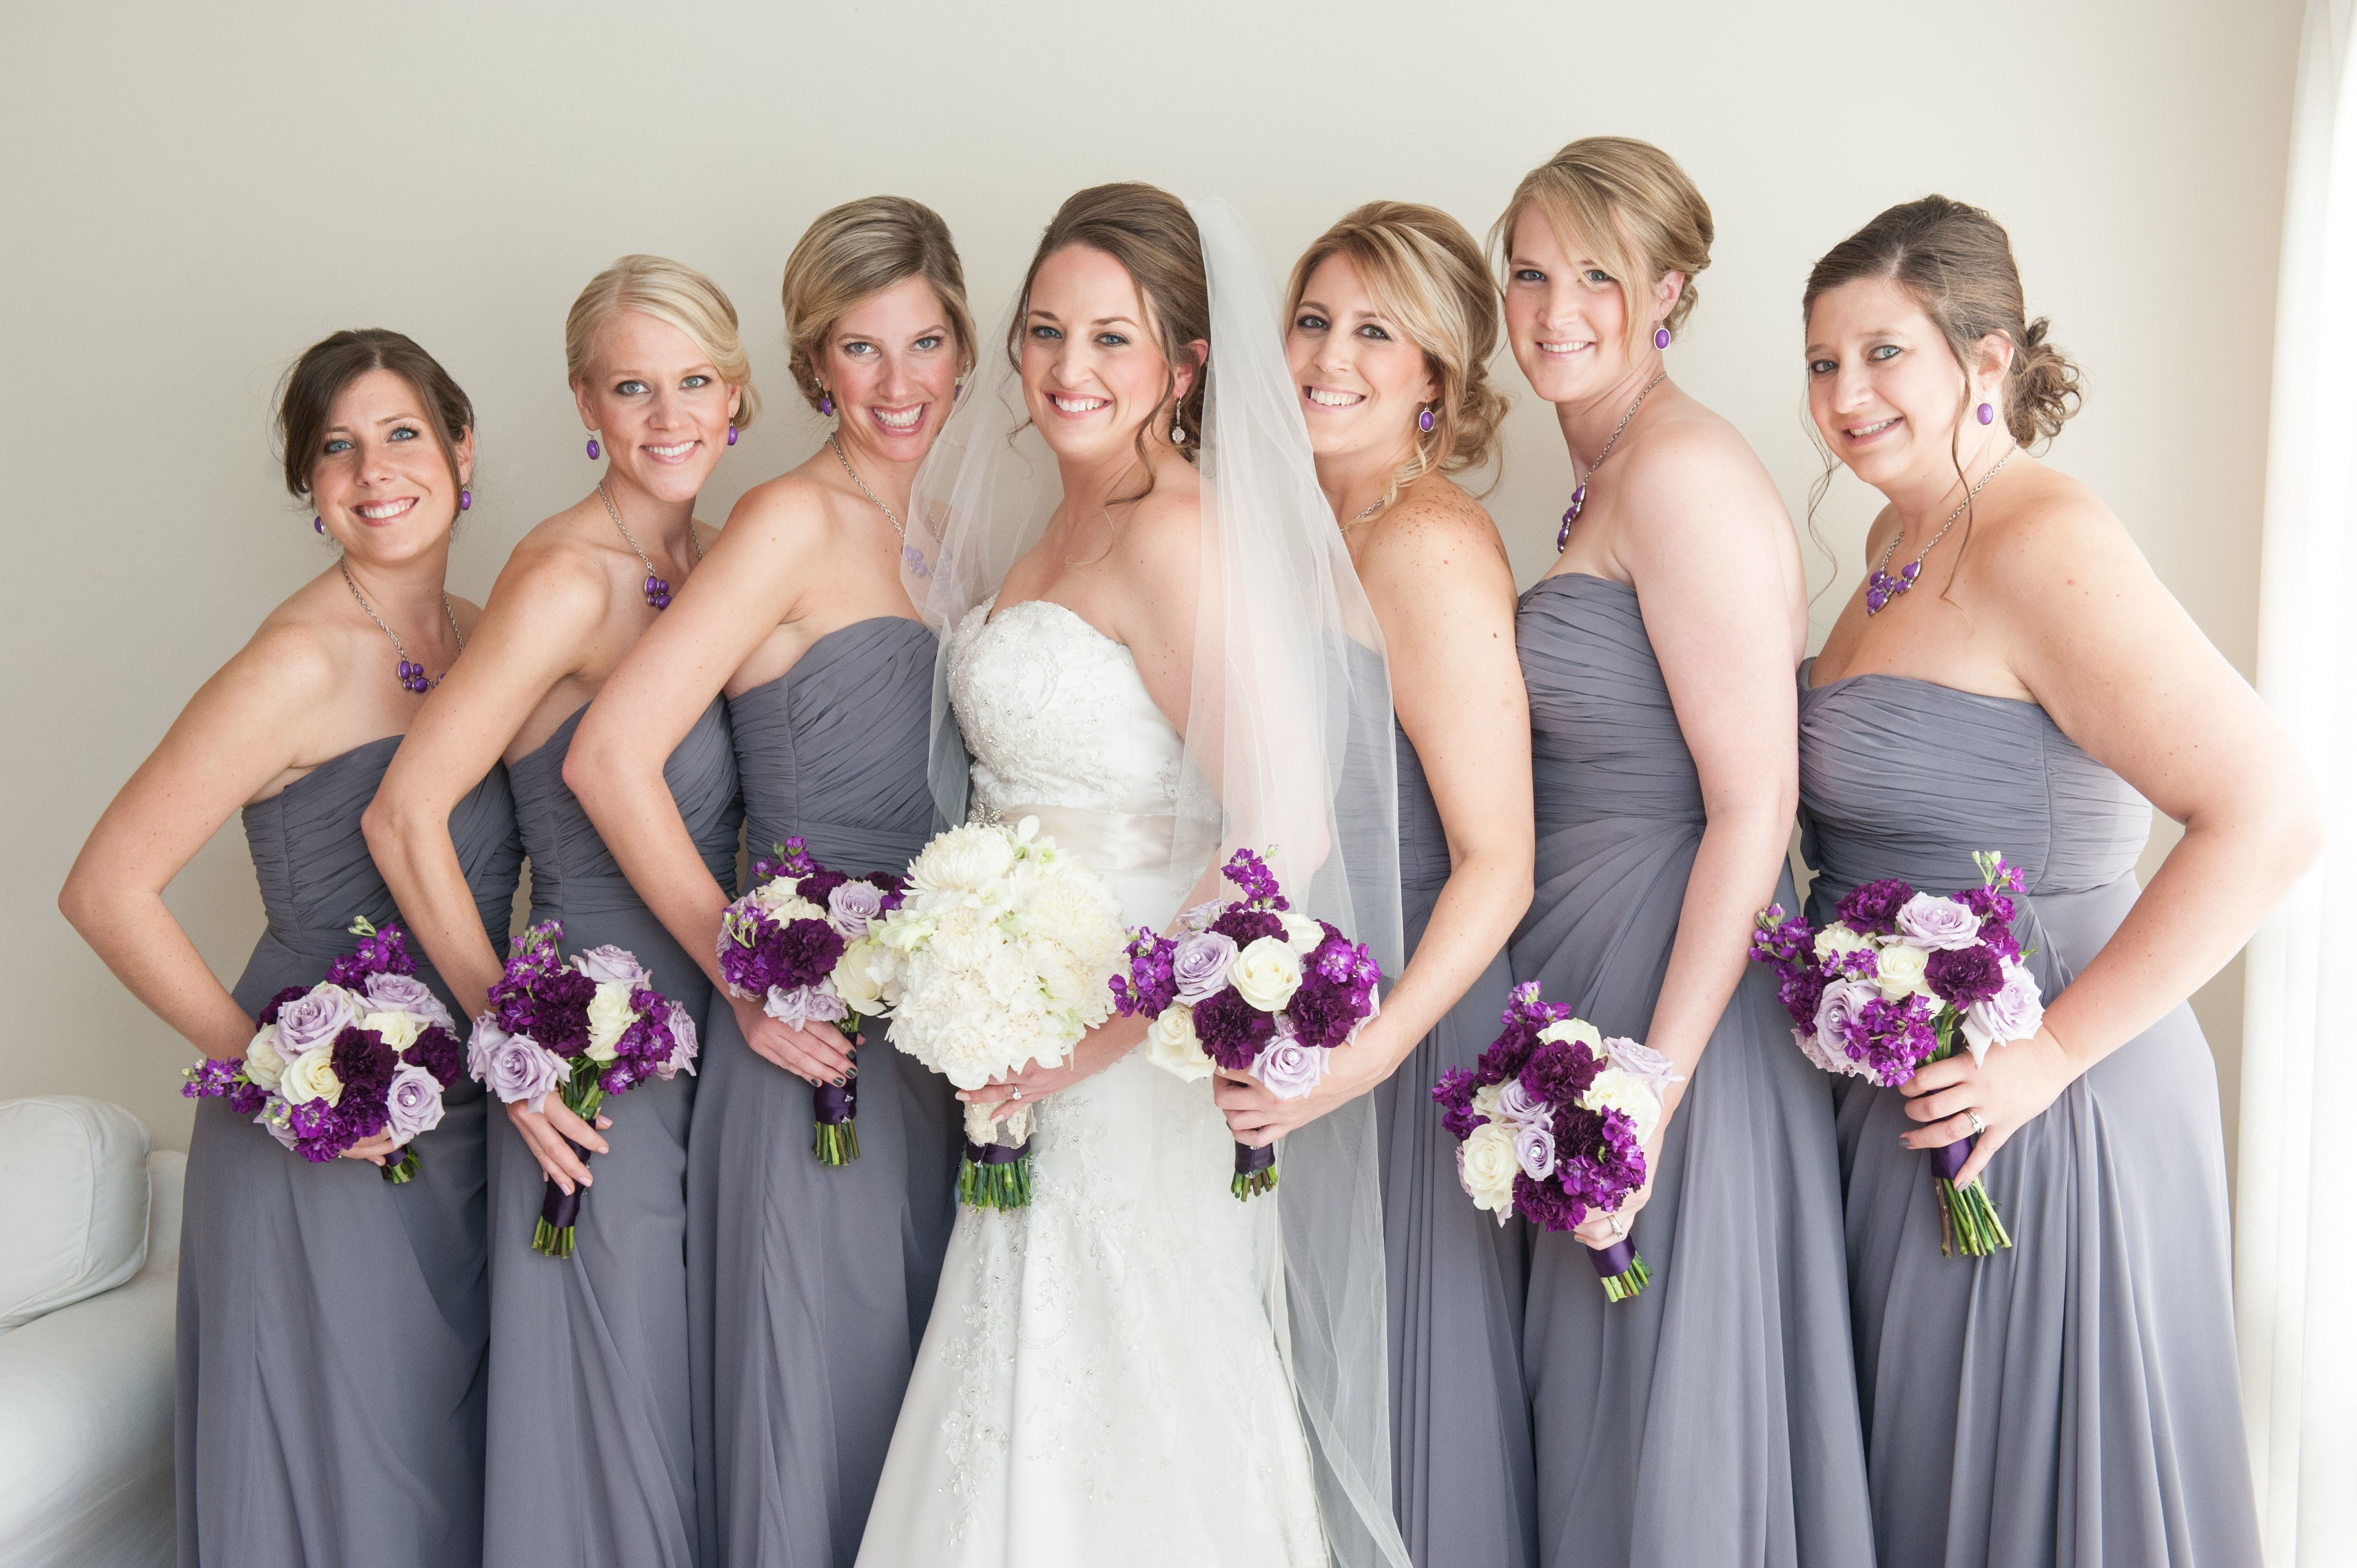 Chicago Wedding | Hair and Makeup | Jenny Taylor Hair and Makeup |  Wedding Party Pictures | Grey Bridemaid Dress | White Wedding | #BombShellBride #JennyTaylorBride | Hollywood Glam